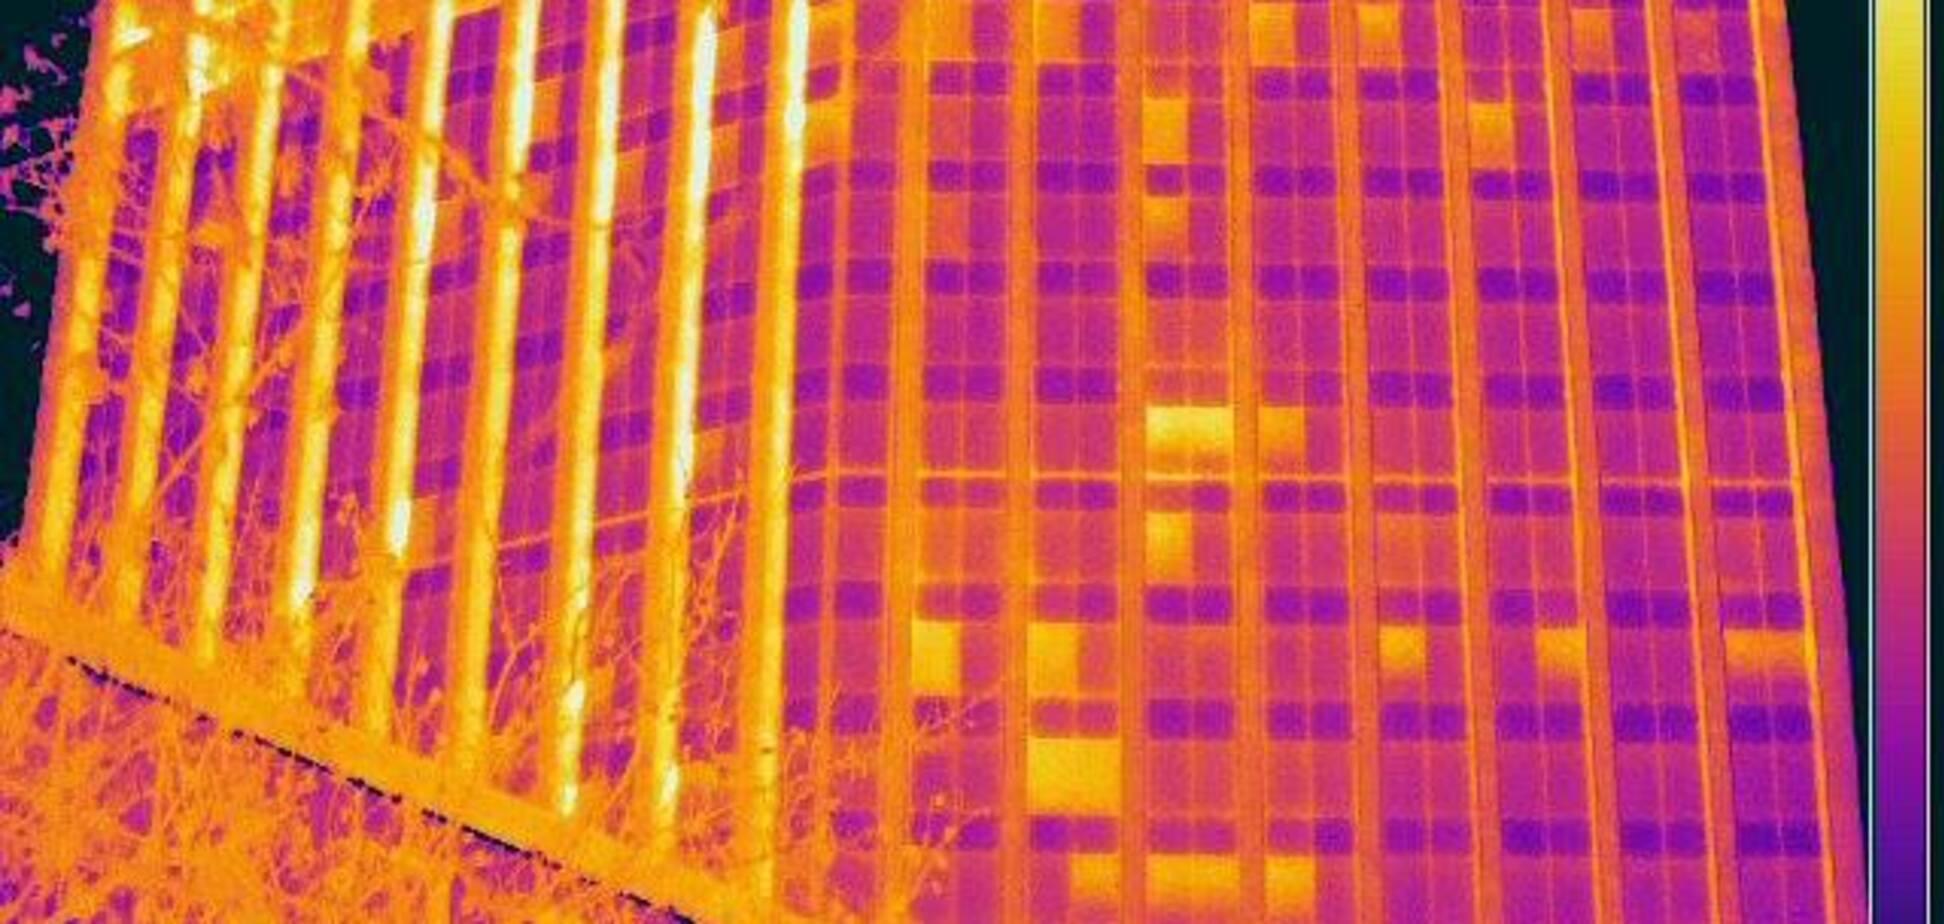 ''Окна настежь'': в Киеве наглядно показали, как госучреждения ''пускают тепло на ветер''. Опубликованы термофото